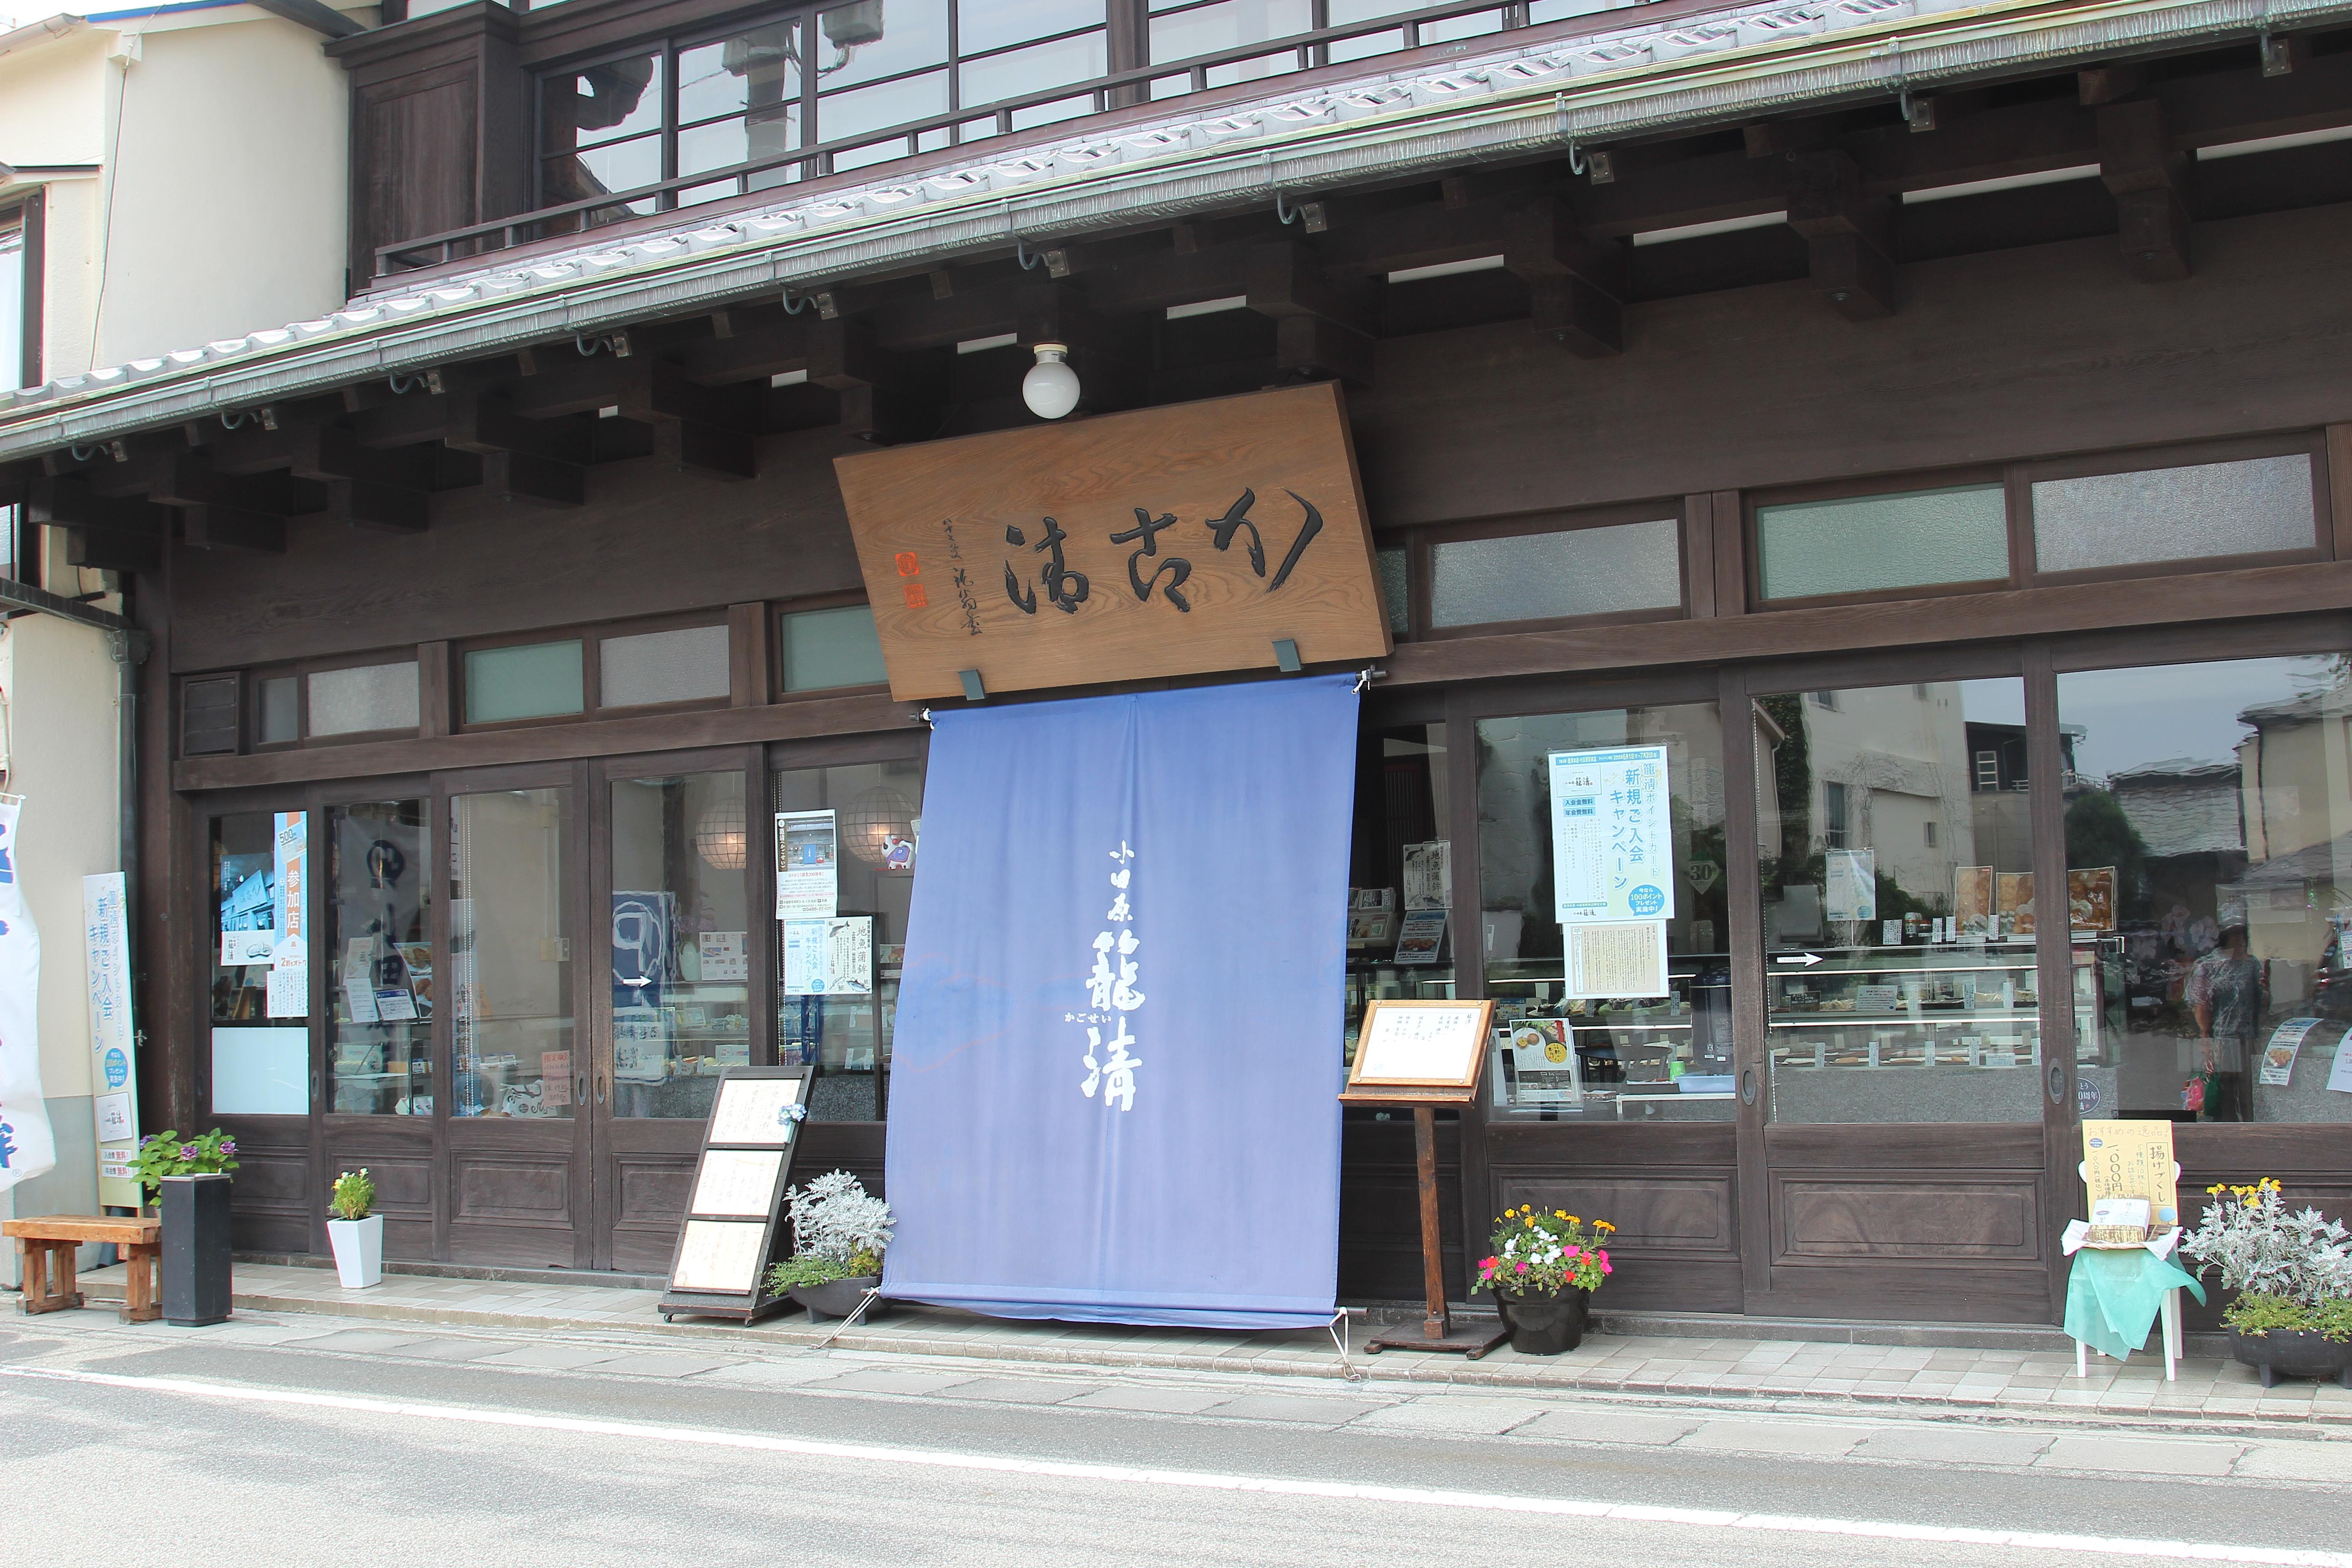 小田原かまぼこ通り活性化委員会